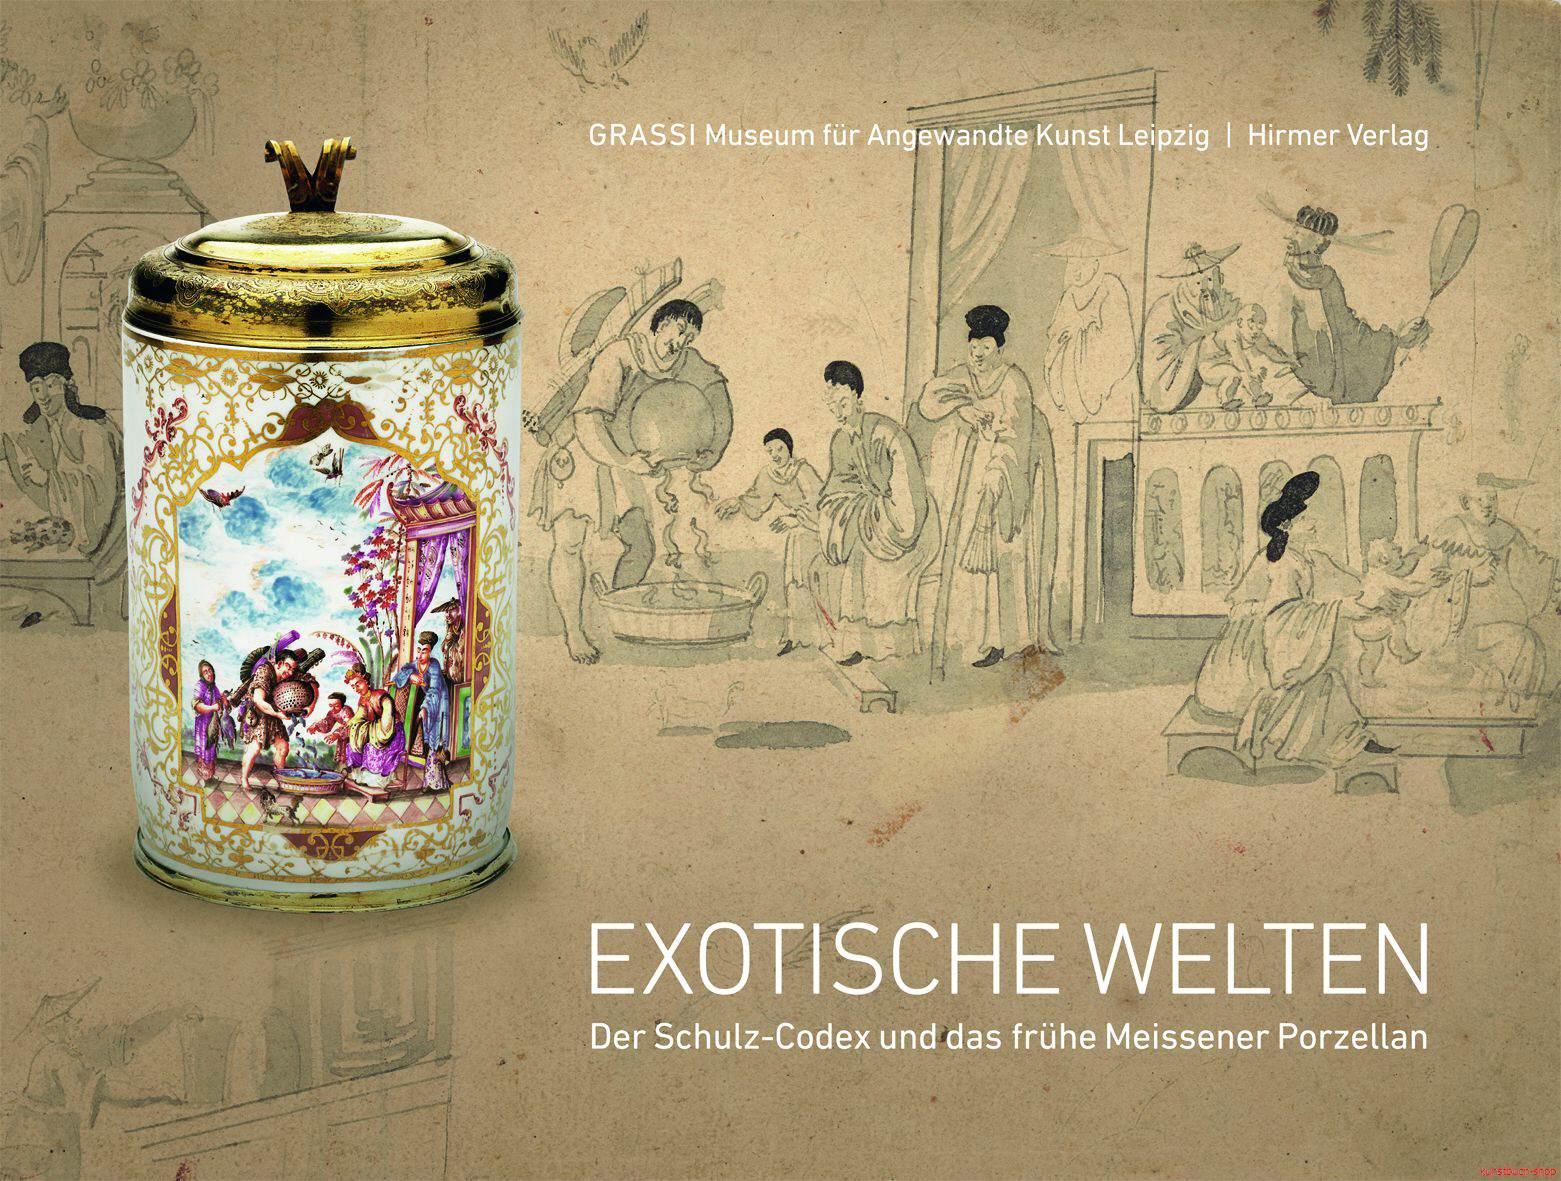 Exotische Welten  Der Schulz-Codex und das frühe Meissener Porzellan - Rainer Behrends, Maureen Cassidy-Geiger, Baron Ludwig Döry